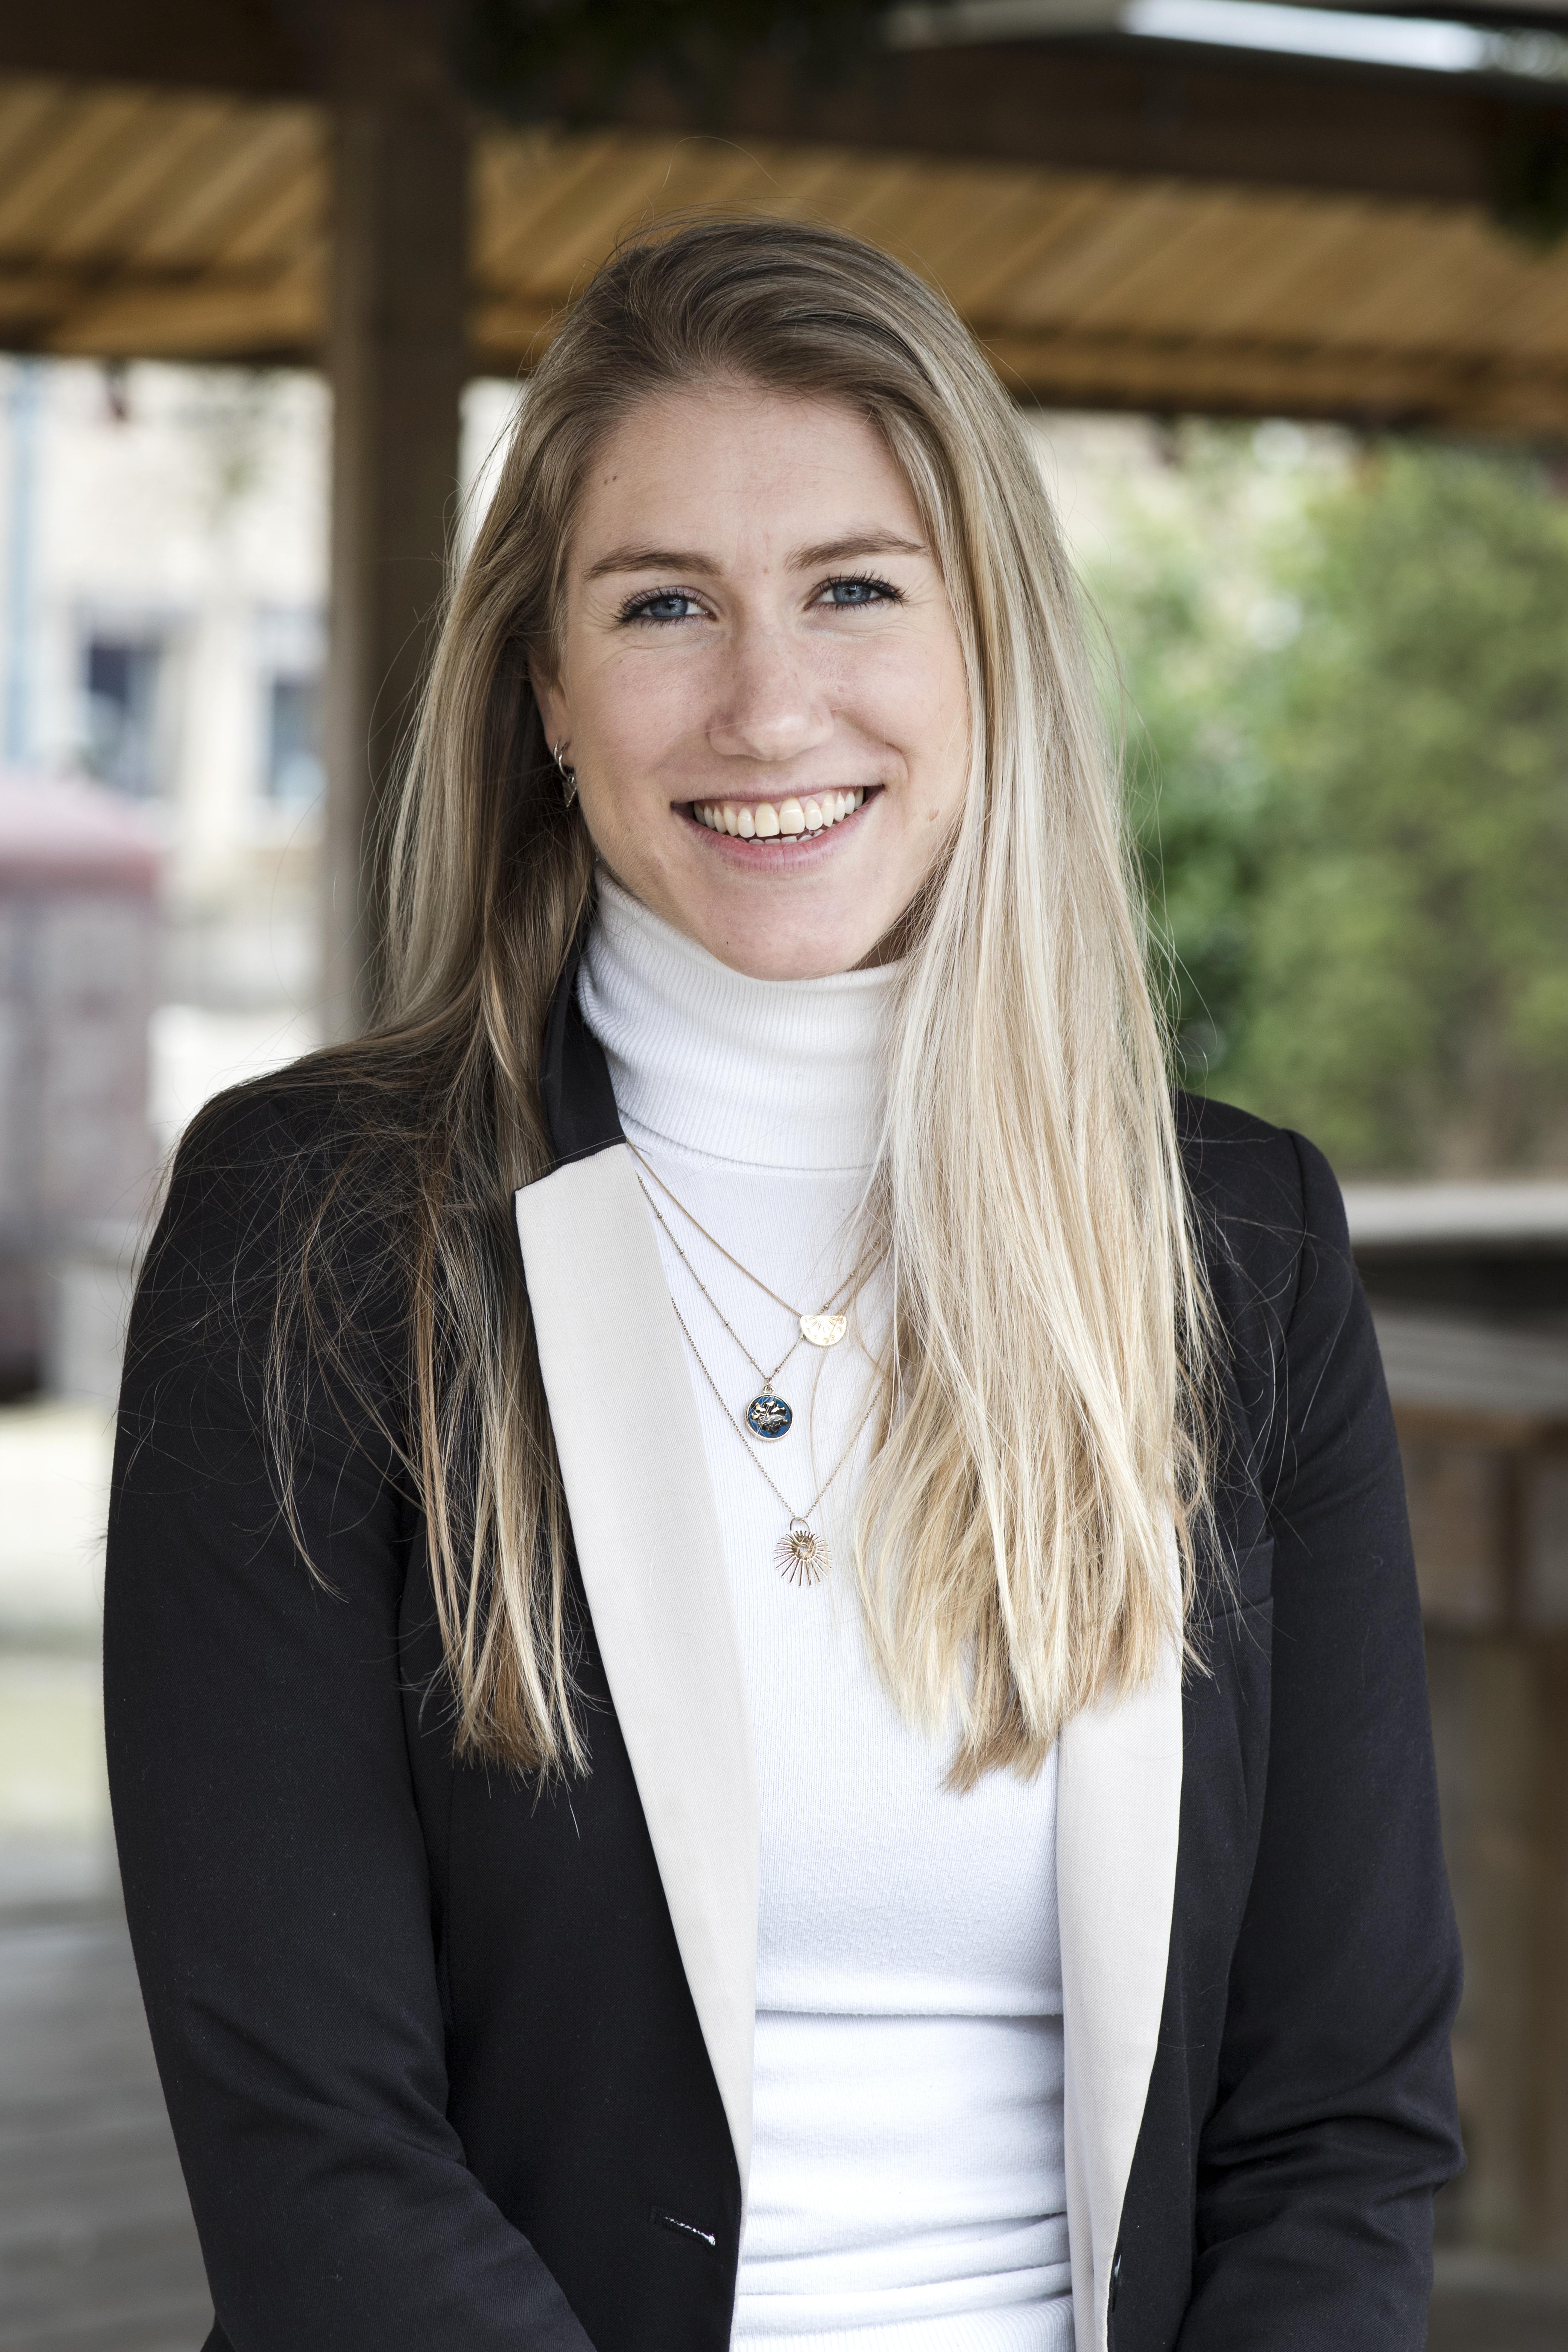 Michelle van Werde